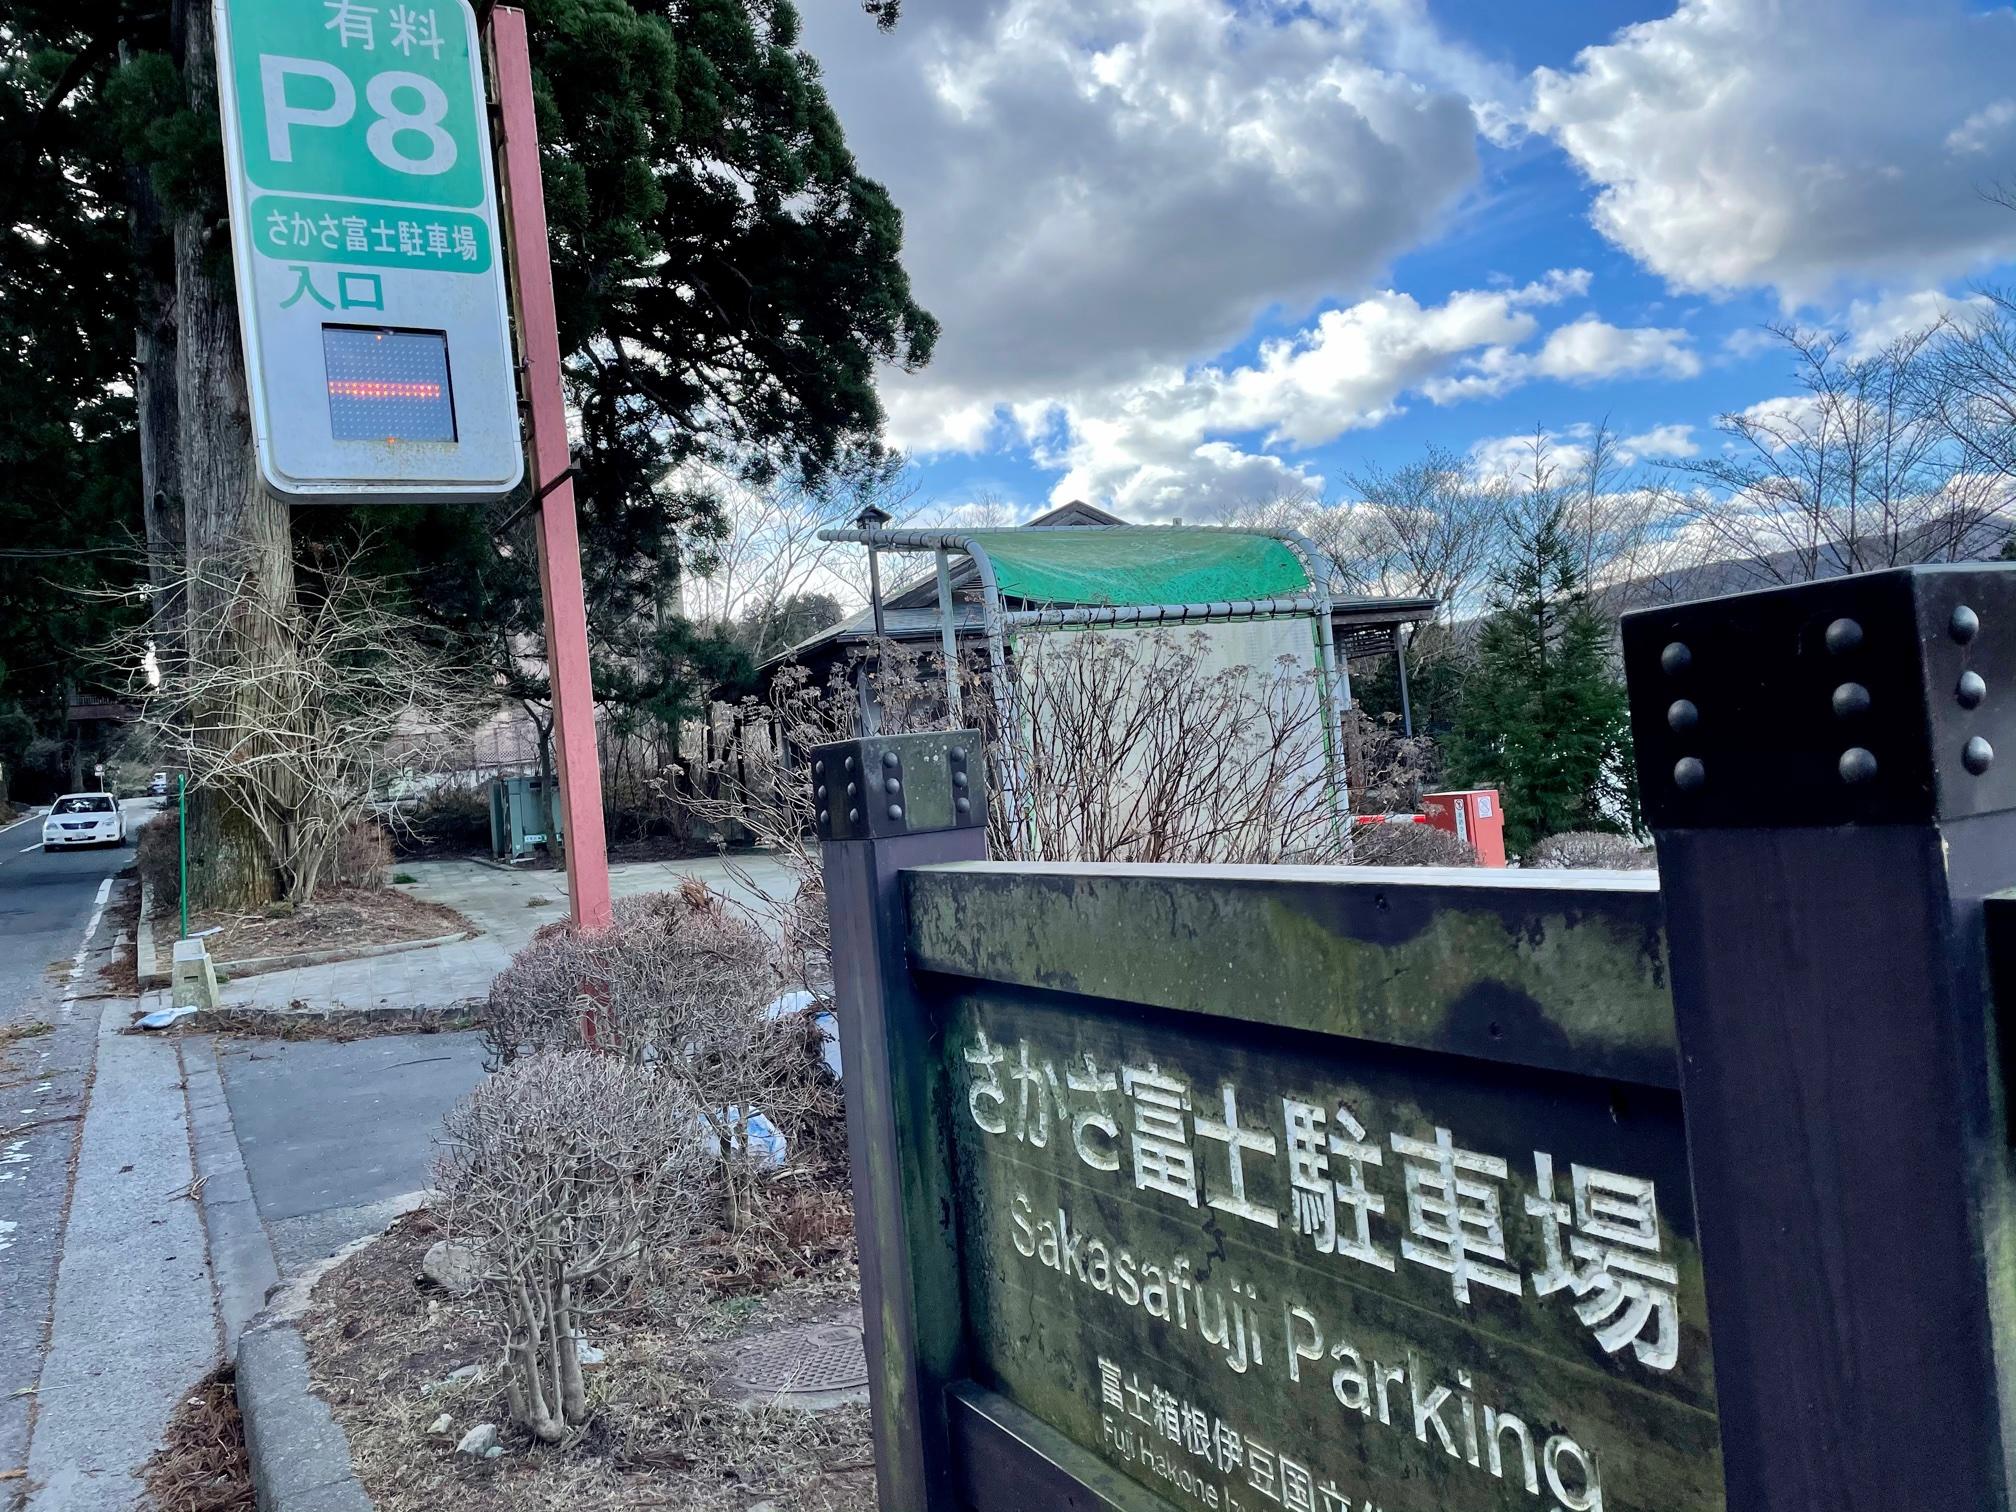 元箱根の駐車場